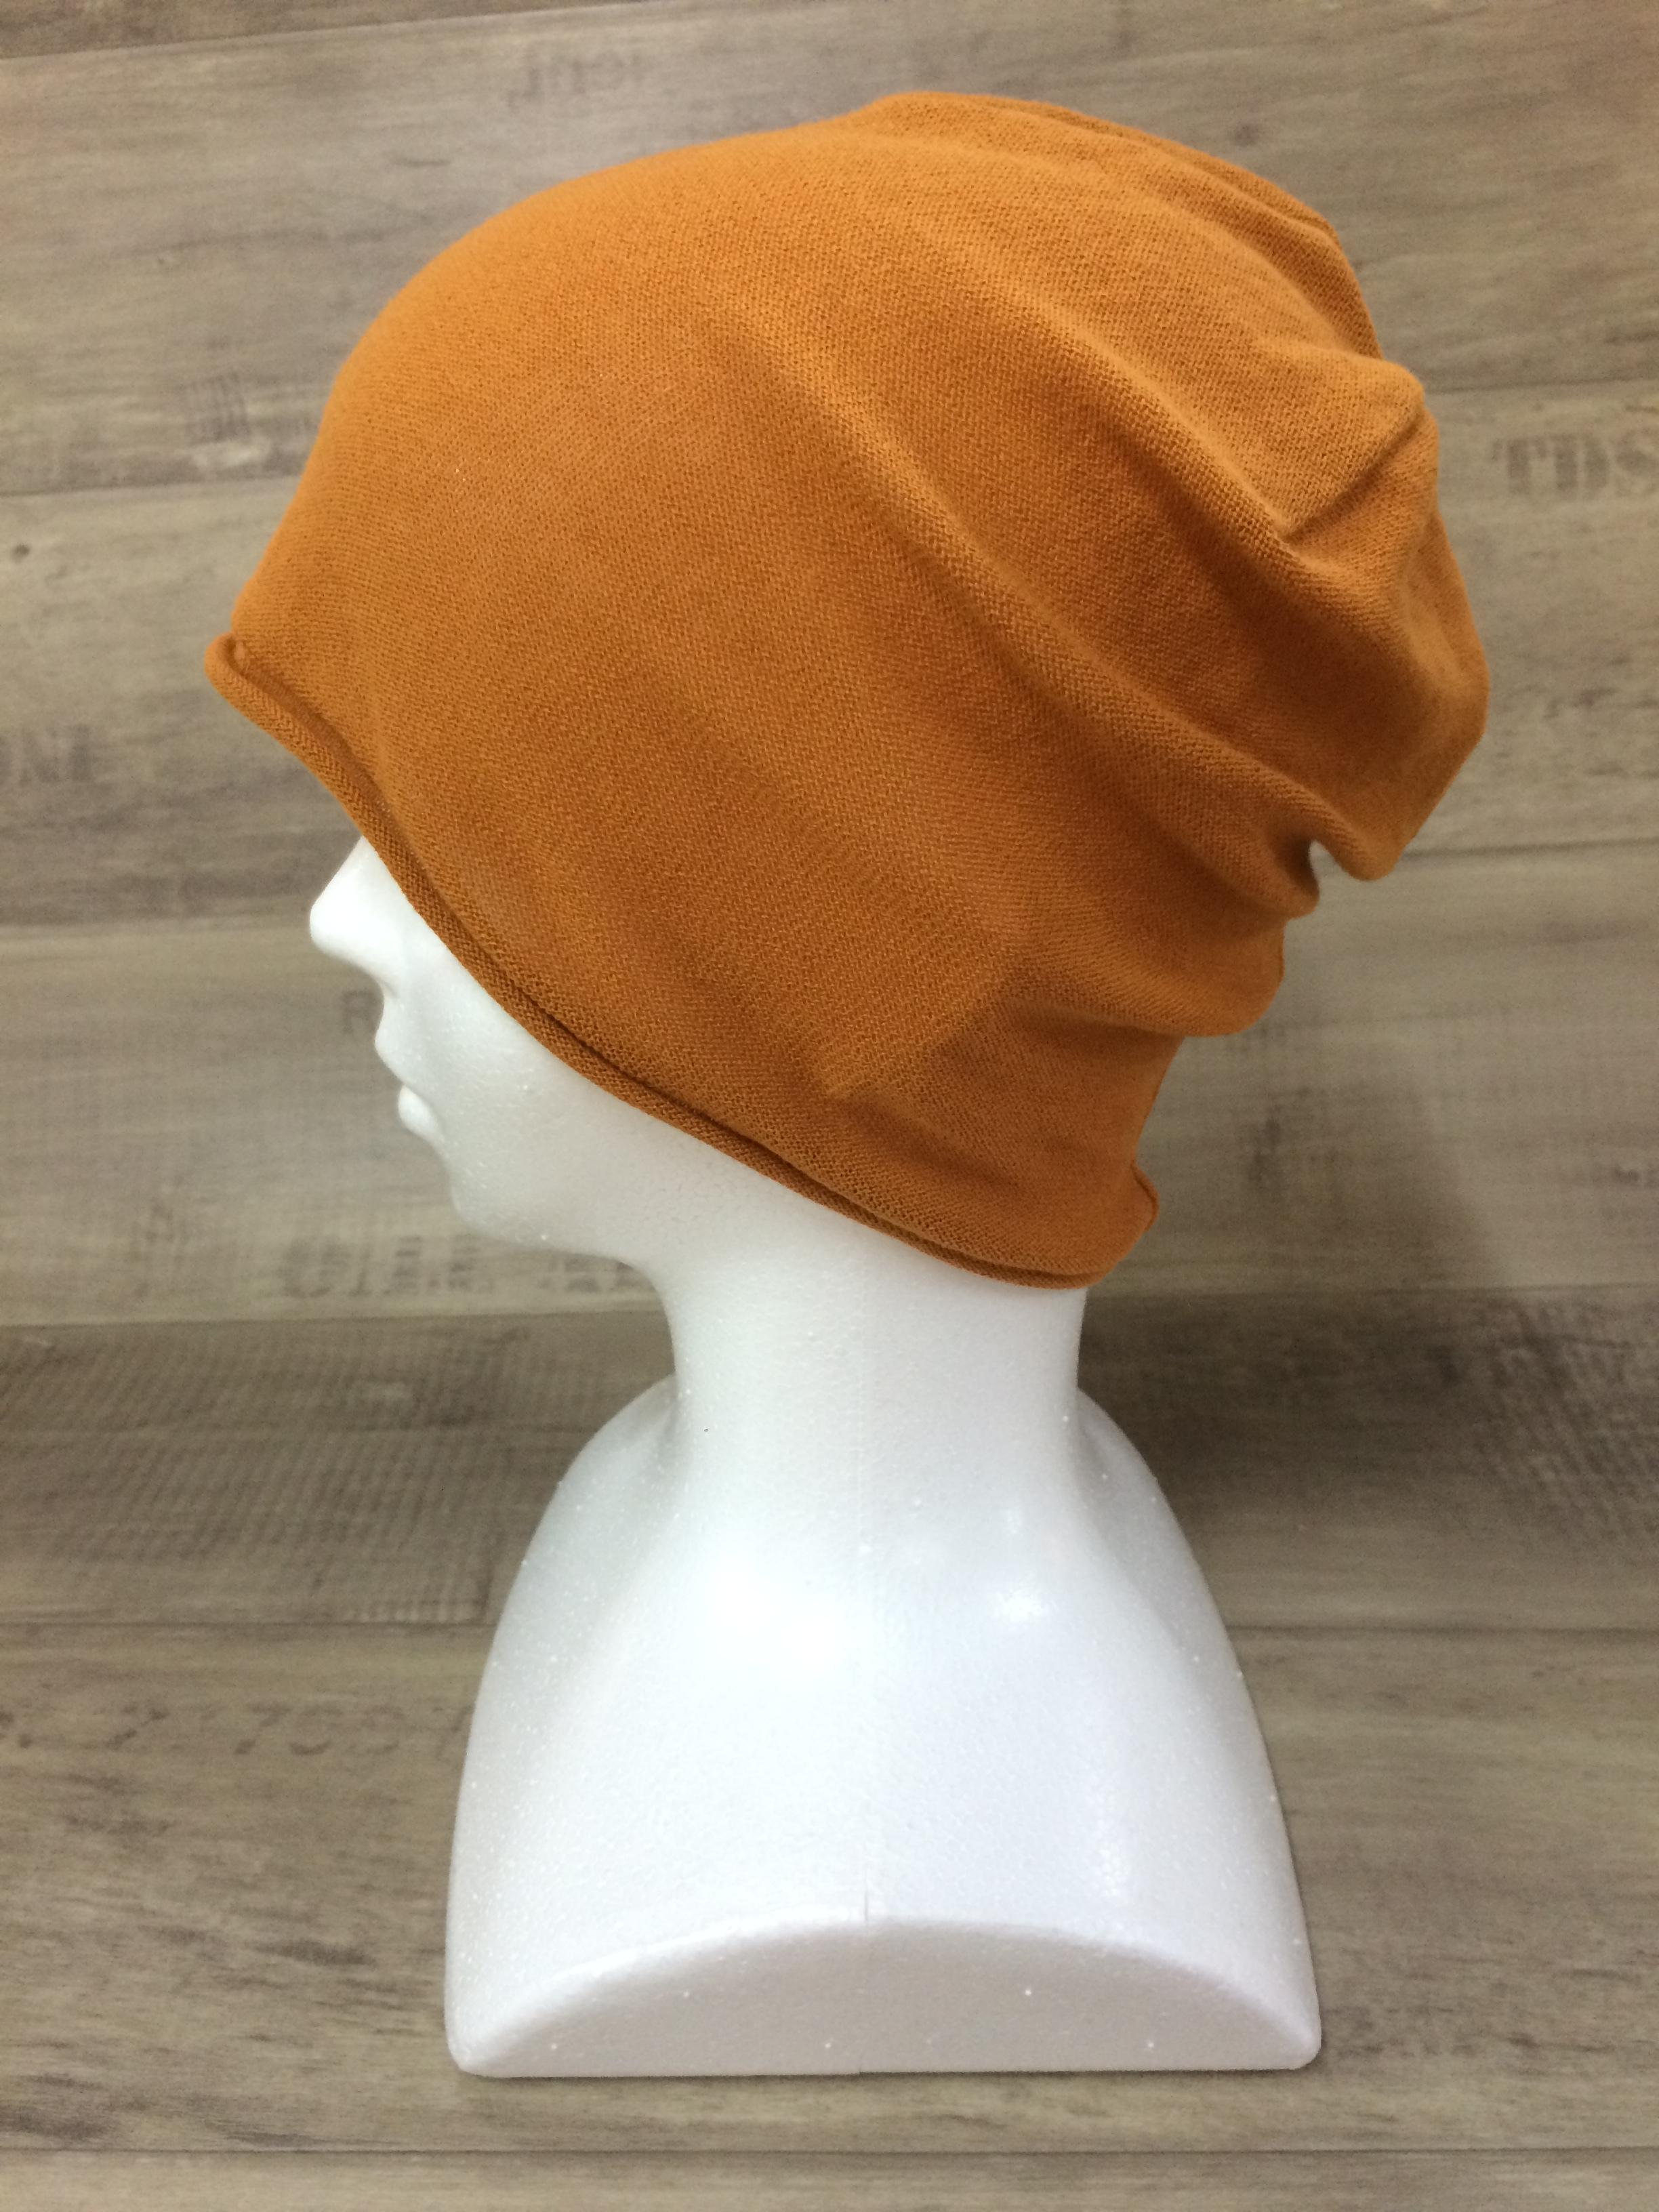 【送料無料】こころが軽くなるニット帽子amuamu|新潟の老舗ニットメーカーが考案した抗がん治療中の脱毛ストレスを軽減する機能性と豊富なデザイン NB-6060|芝翫茶(しかんちゃ)